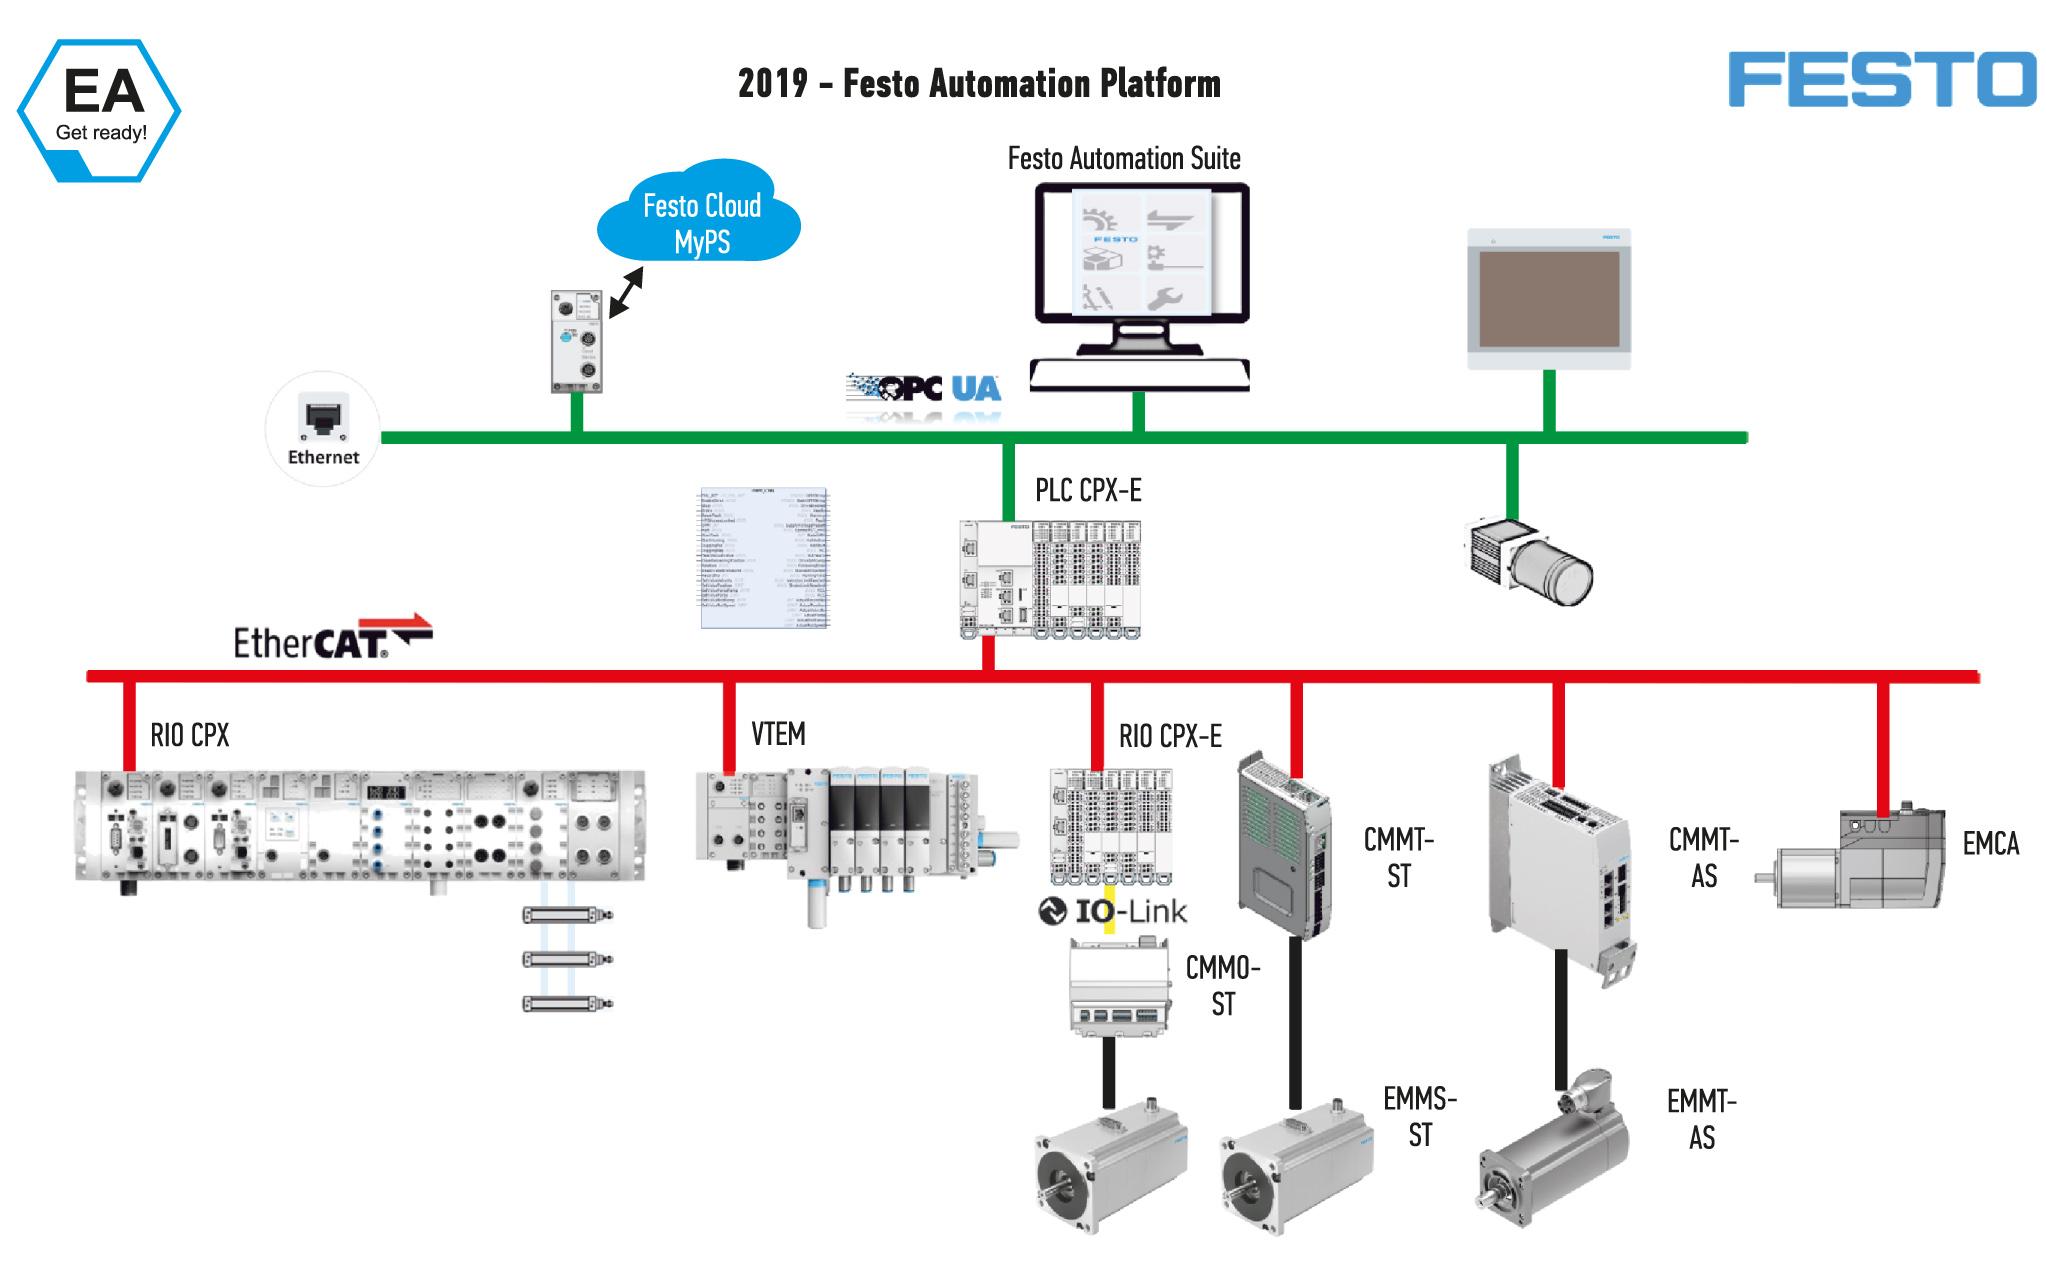 Современная платформа автоматизации Festo